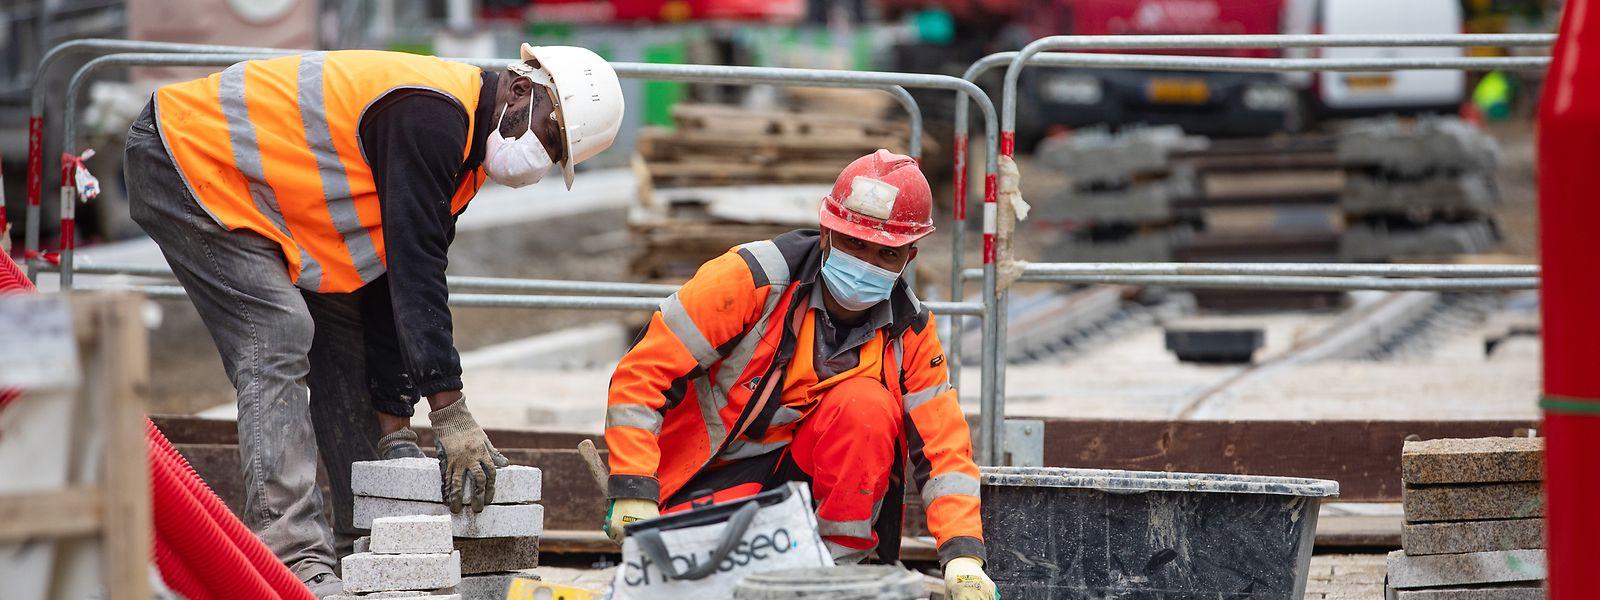 Signe d'une légère reprise économique, les demandes d'octroi de chômage partiel sont passées sous la barre des 3.000 en septembre